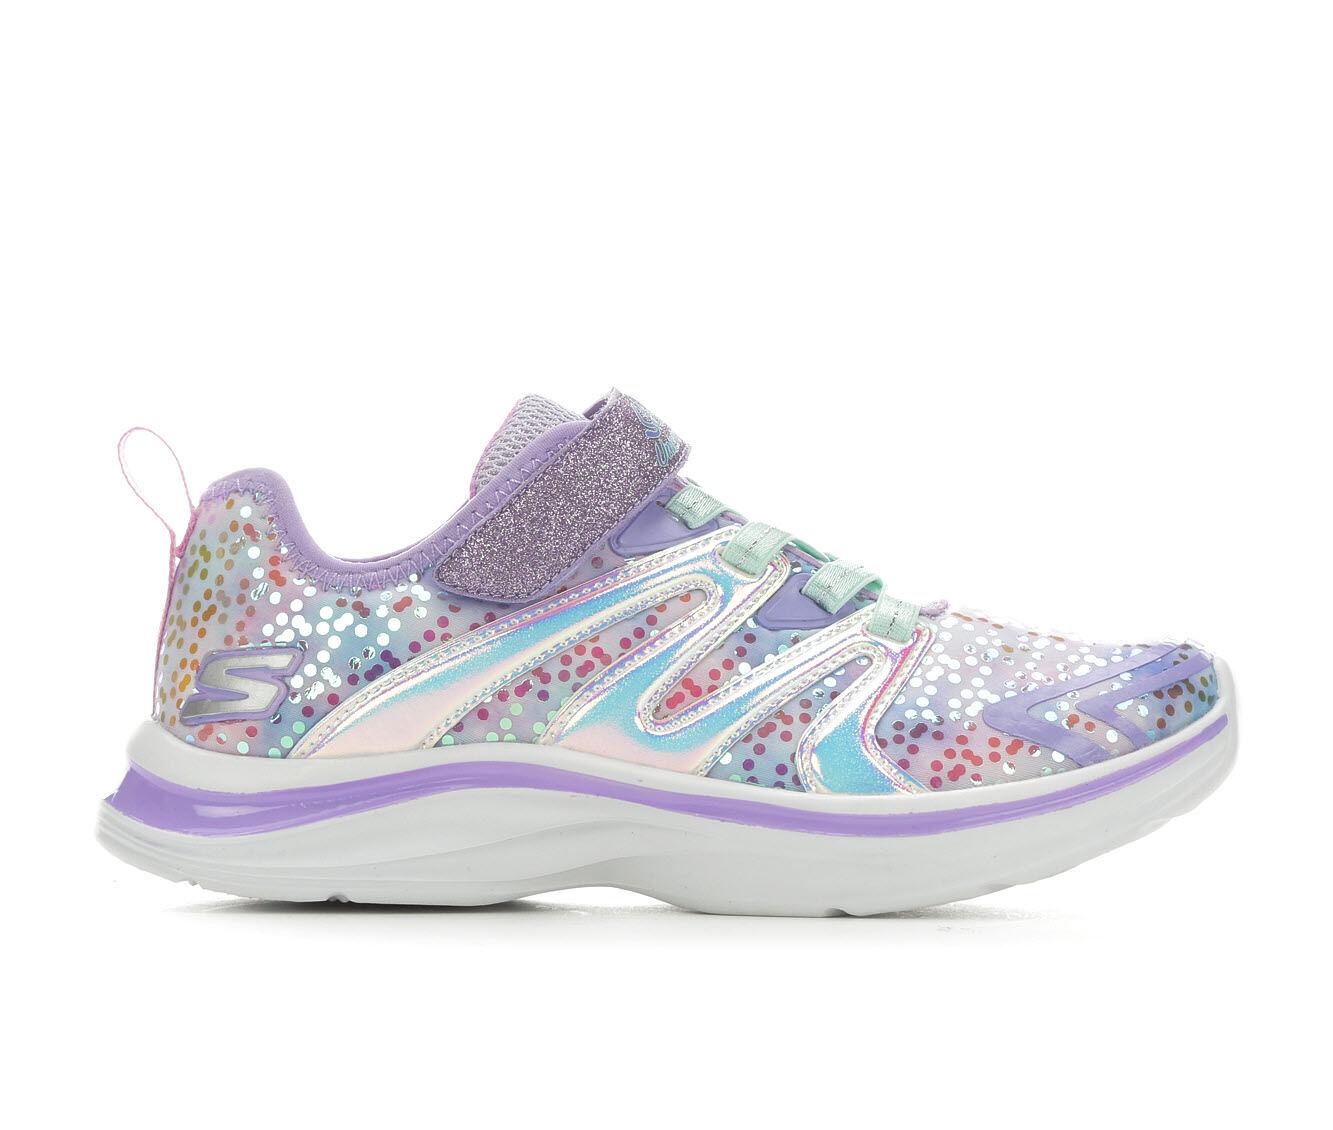 Skechers Kids Girls' Double Dreams Sneaker